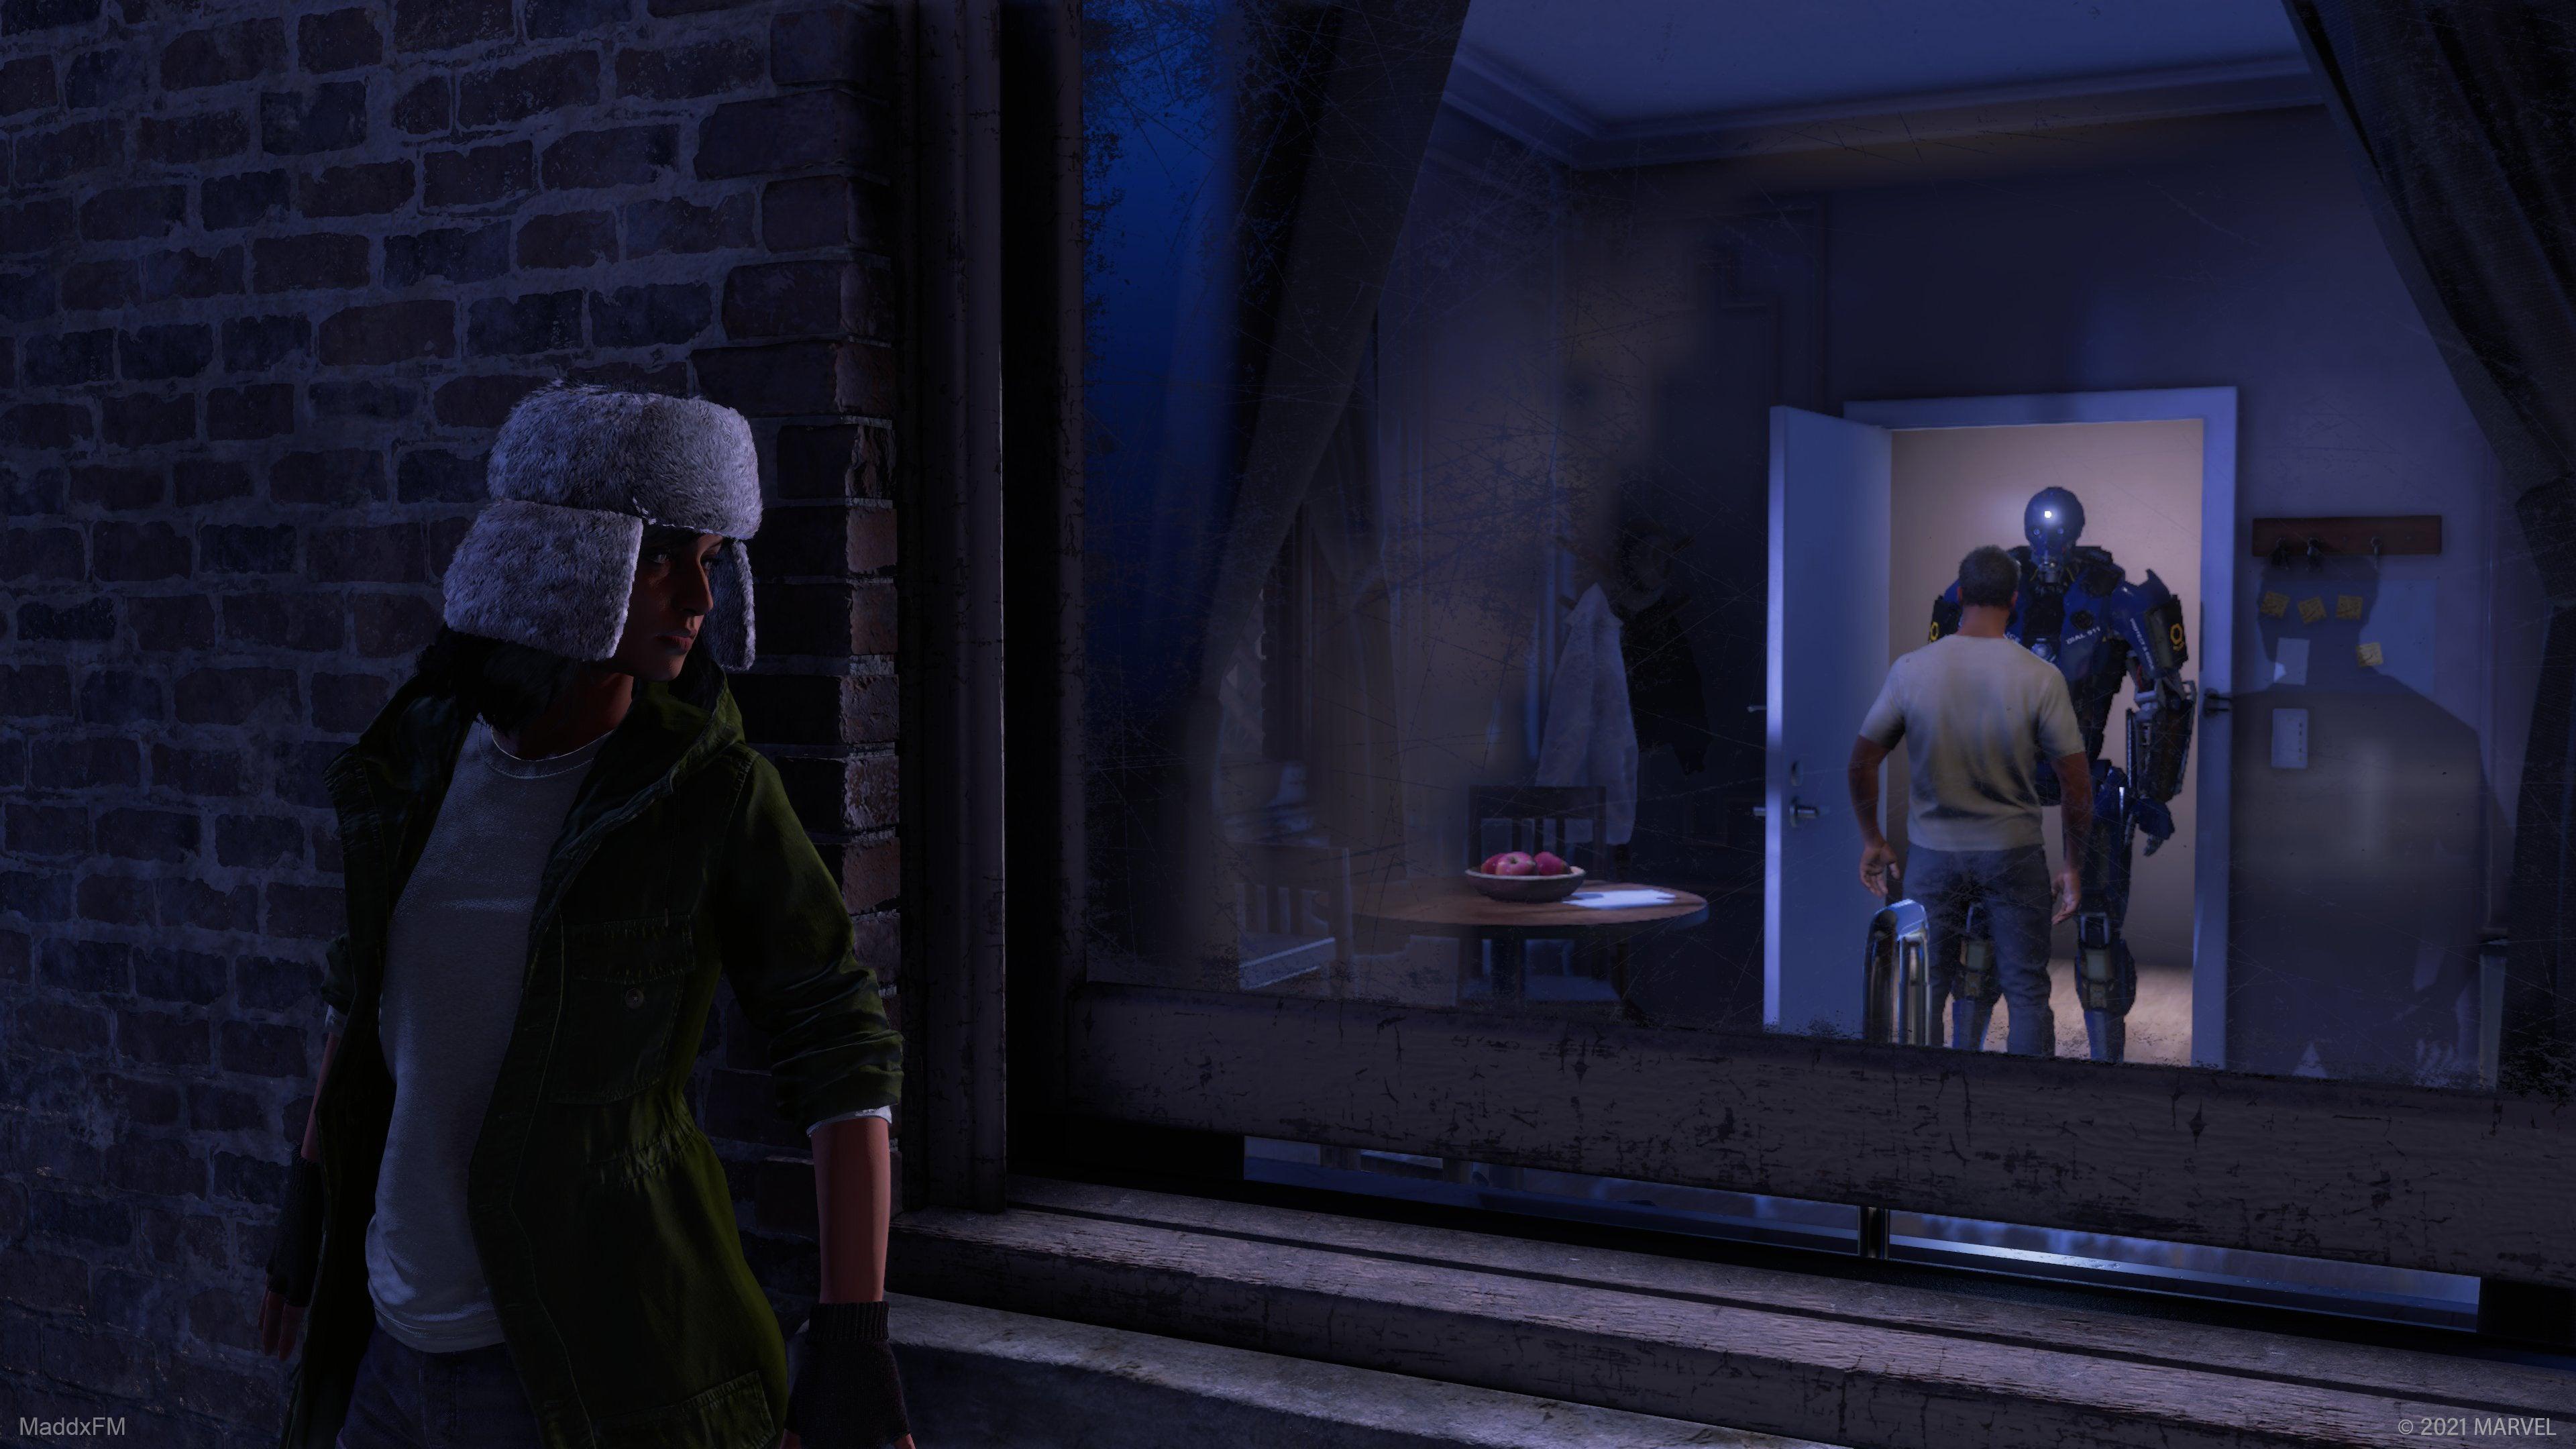 kamala khan lurks outside a window on the ledge of a building